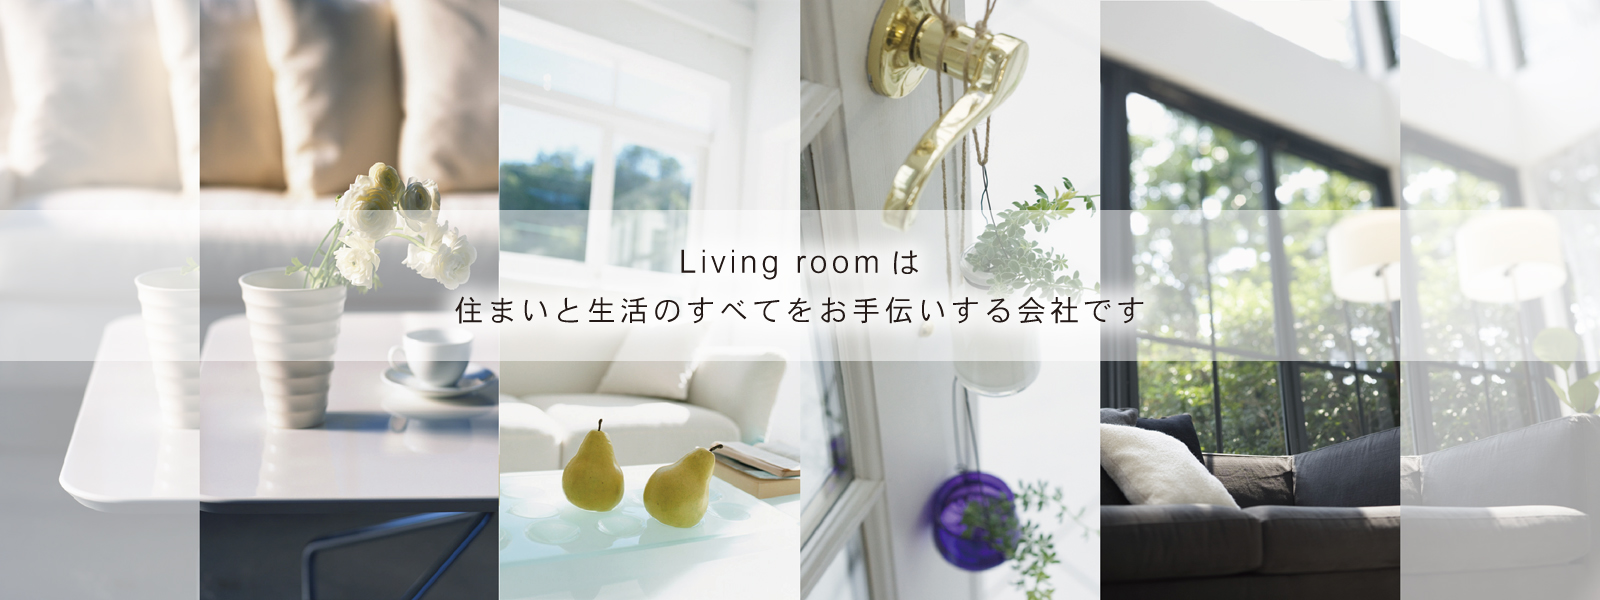 株式会社Living room